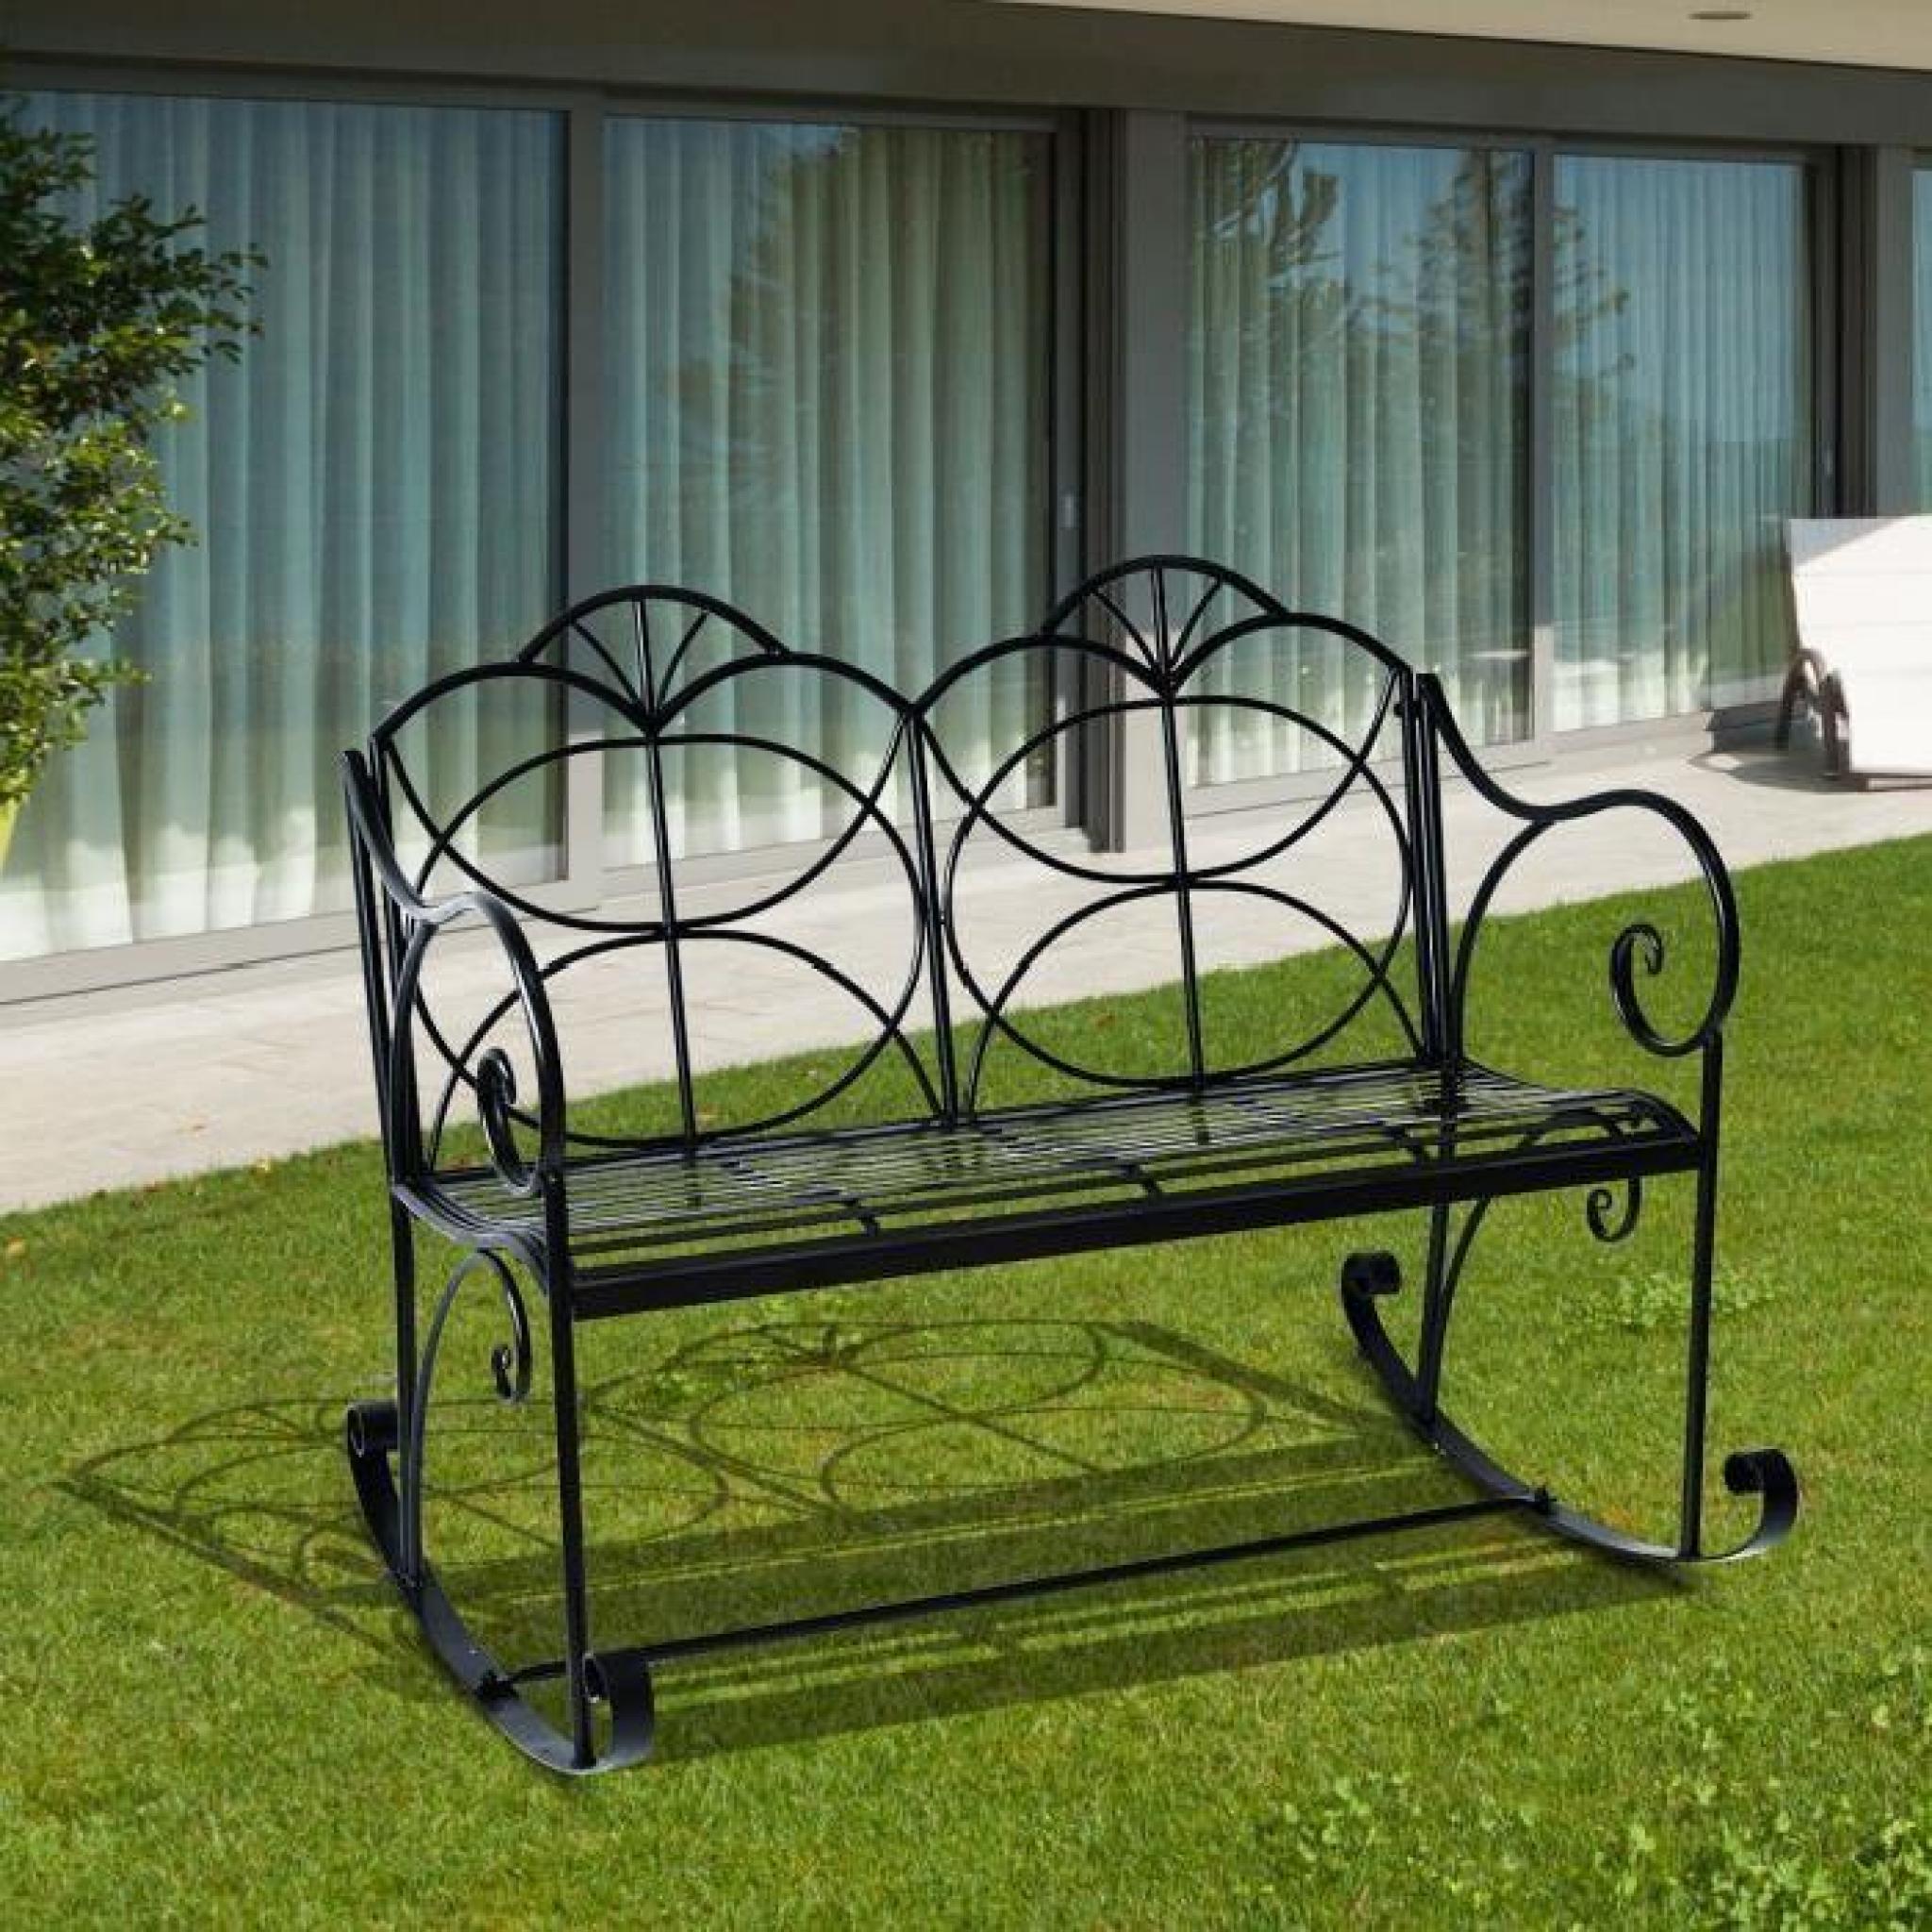 Banc de jardin en fer forgé style antique à bascule noir 2 places 114L x  76l x 92H cm charge max 200 Kg neuf 79